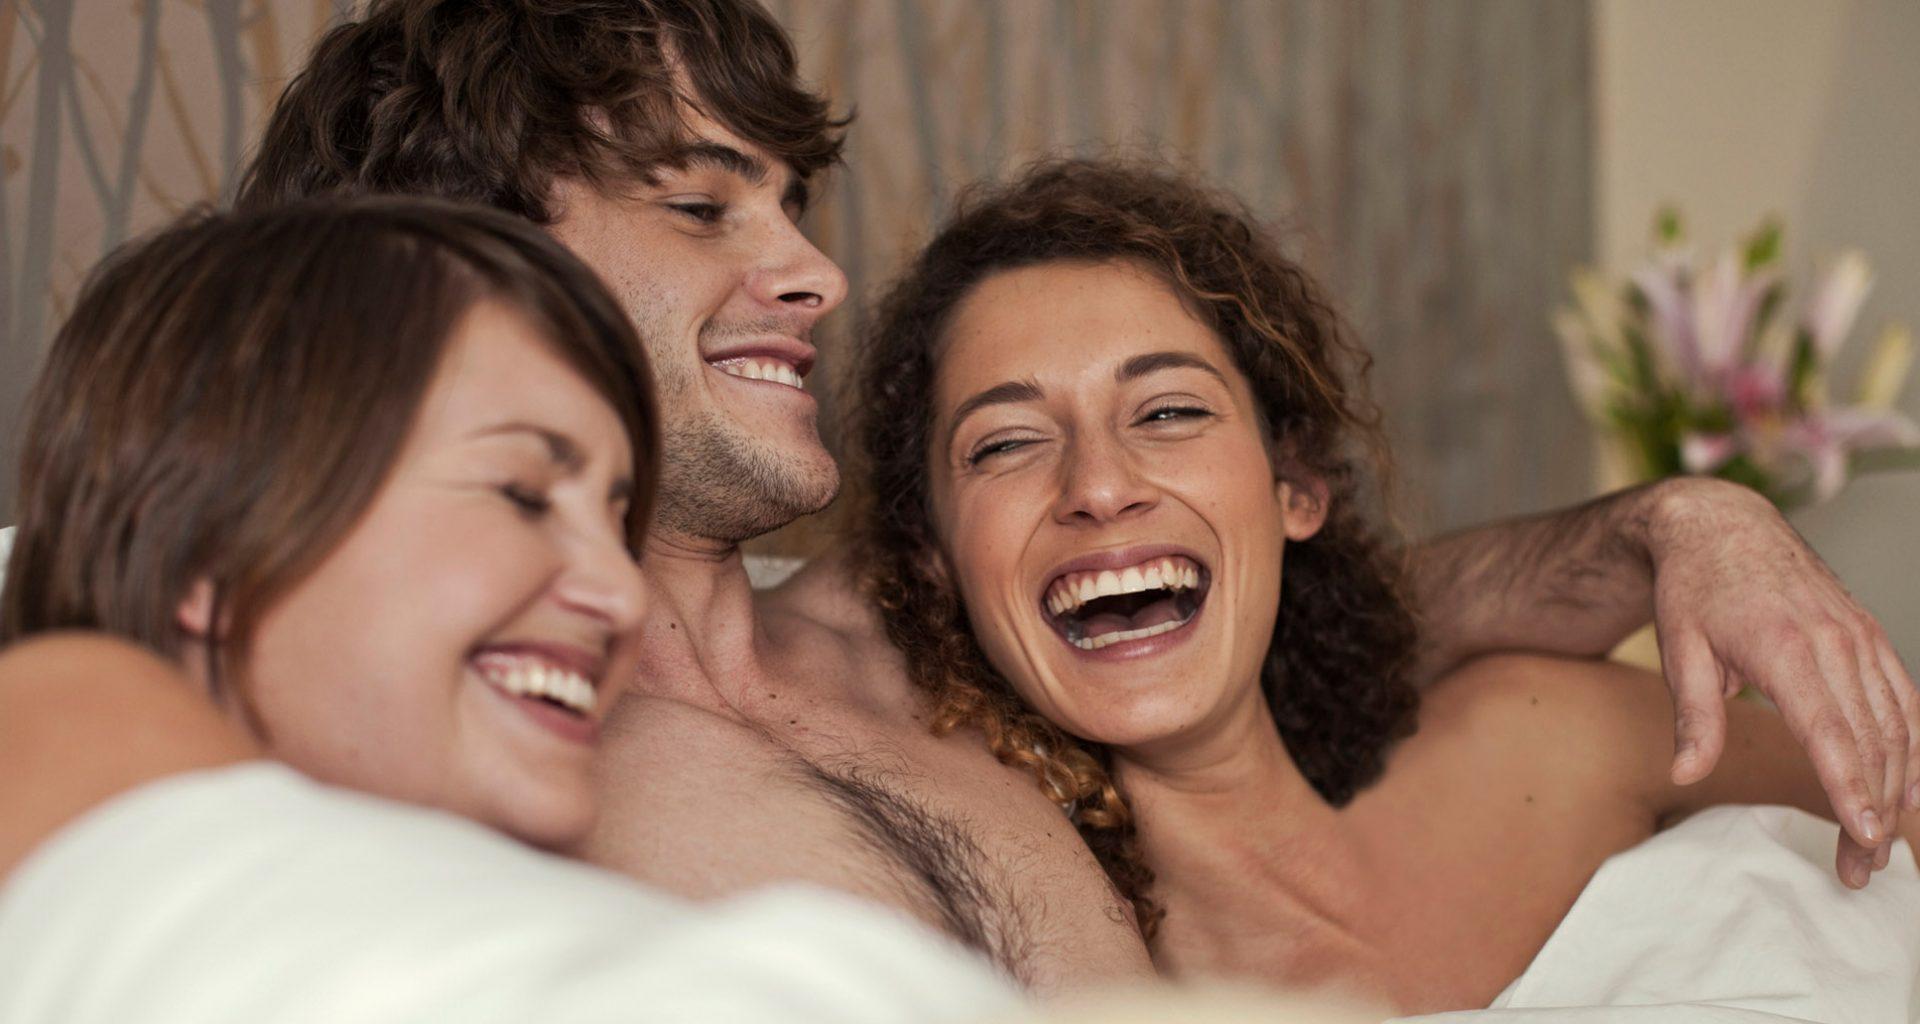 Der Dreier: Sex mit zwei Personen erfordert mehr als man denkt